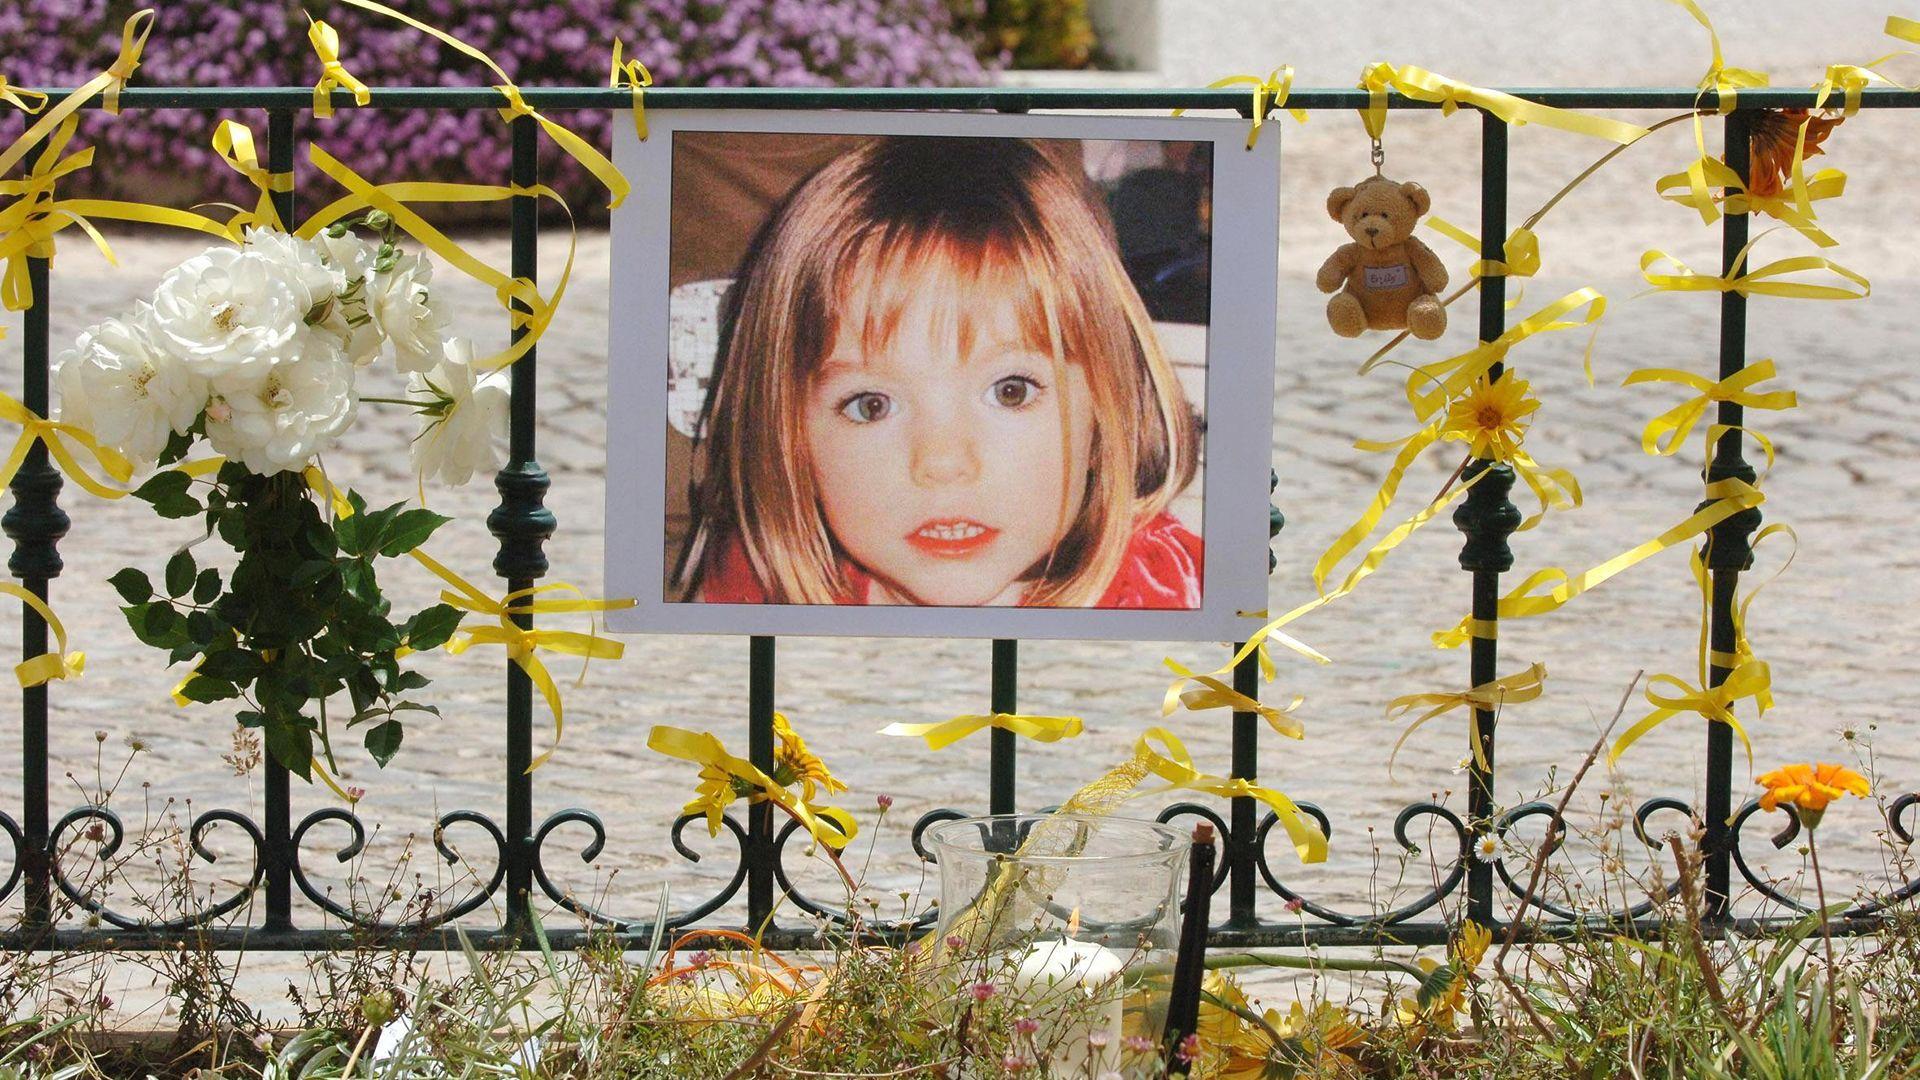 Madeleine McCann meghalt, egy német ügyész szerint